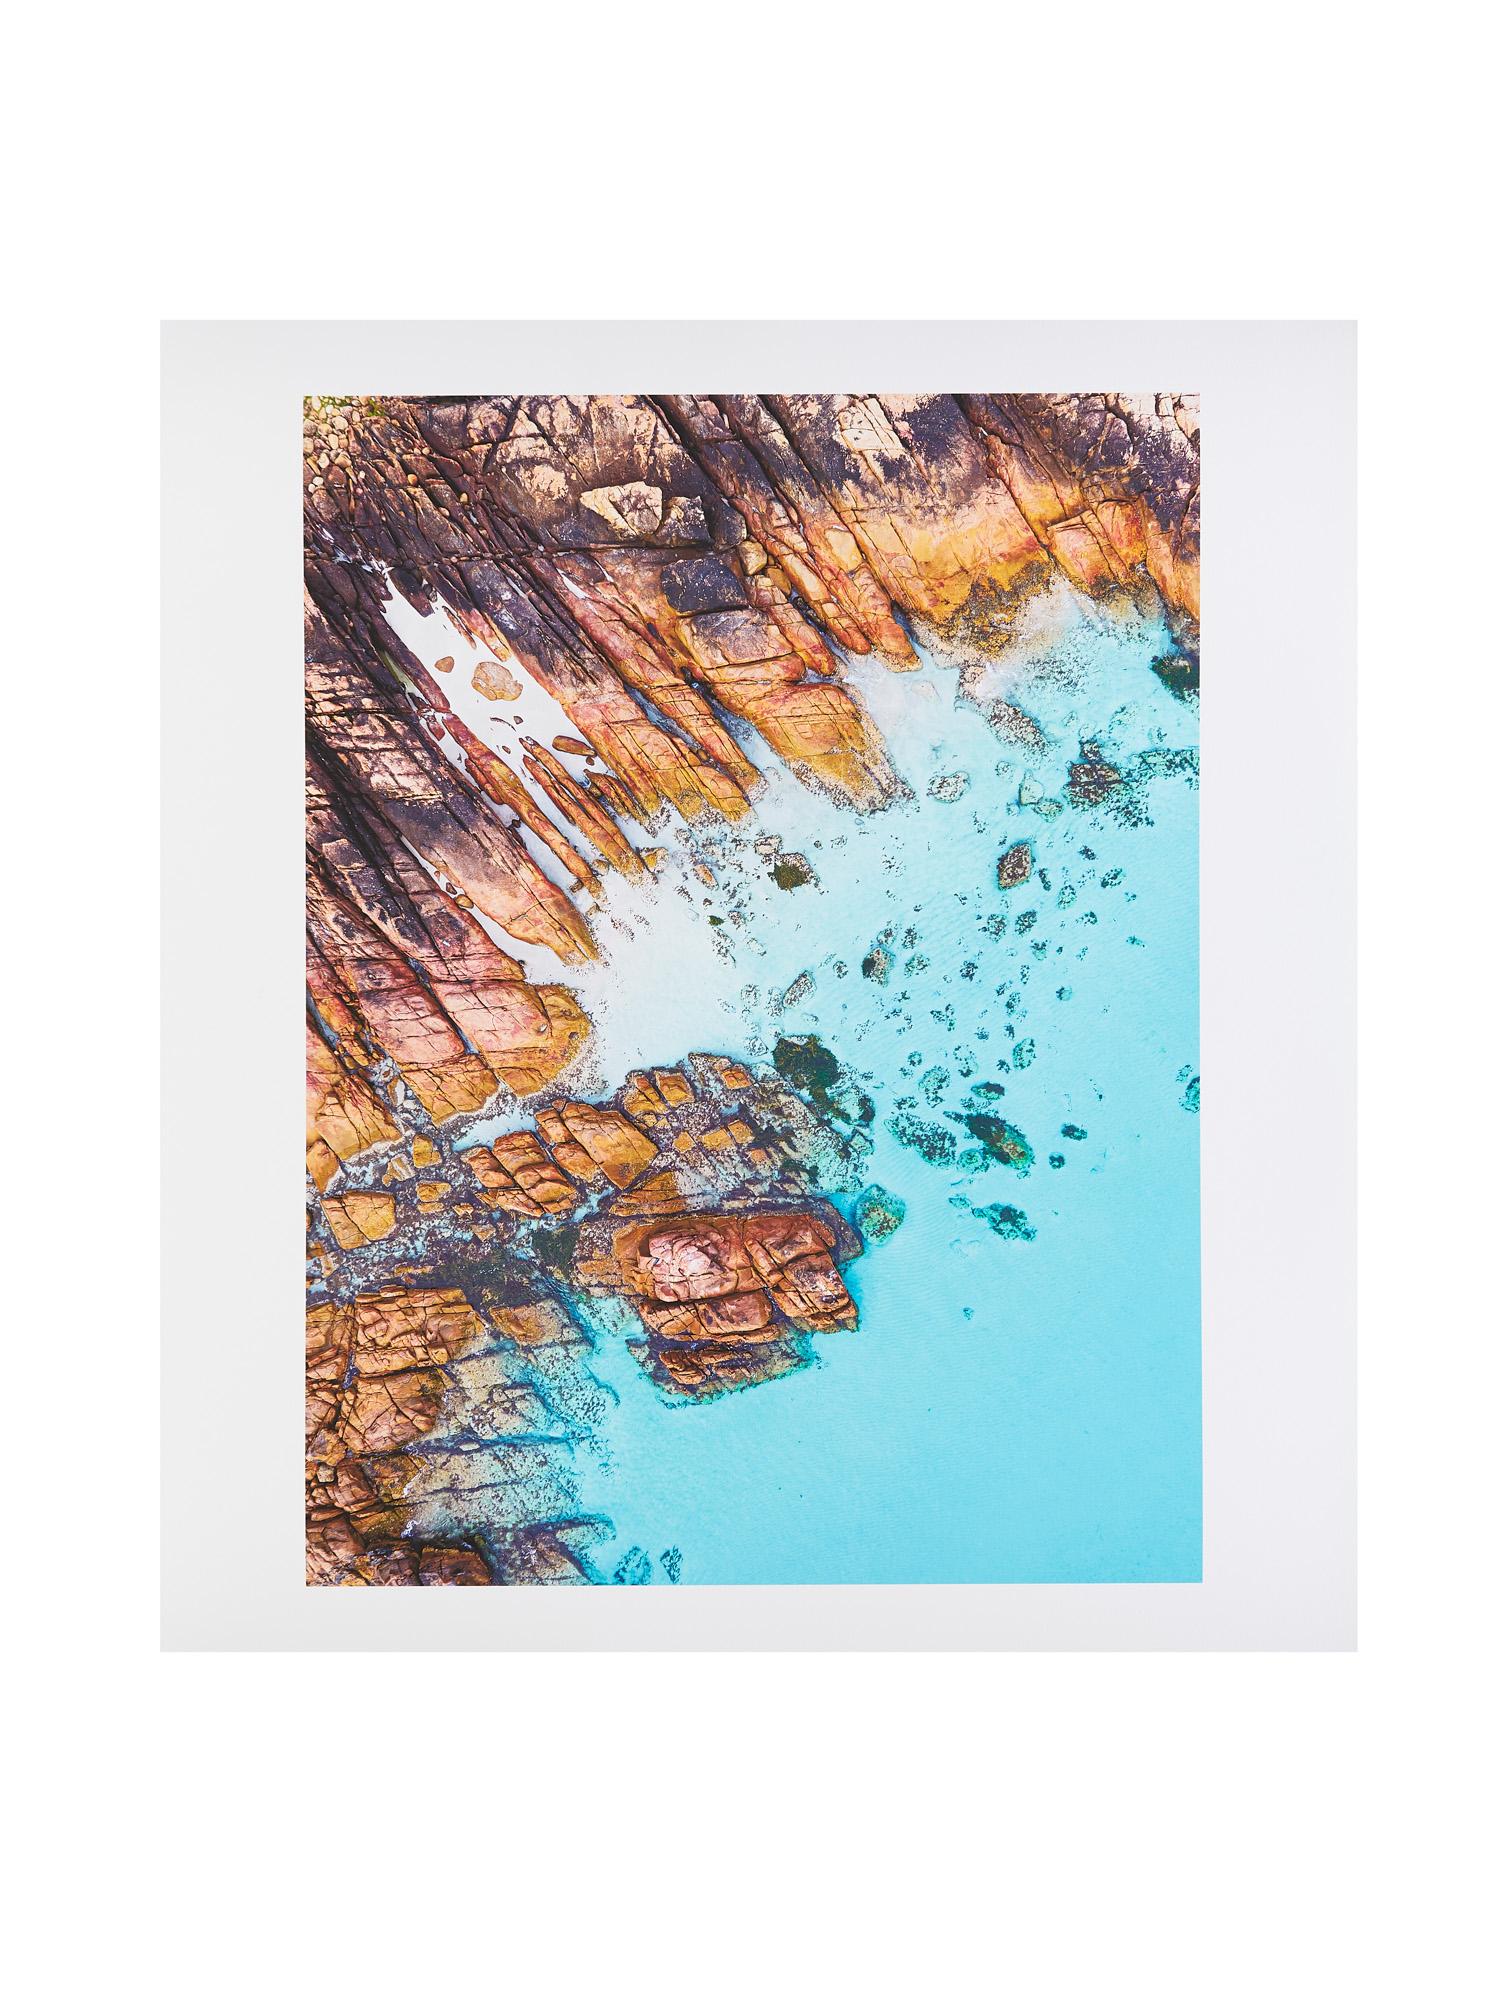 Salty Prints-215.jpg